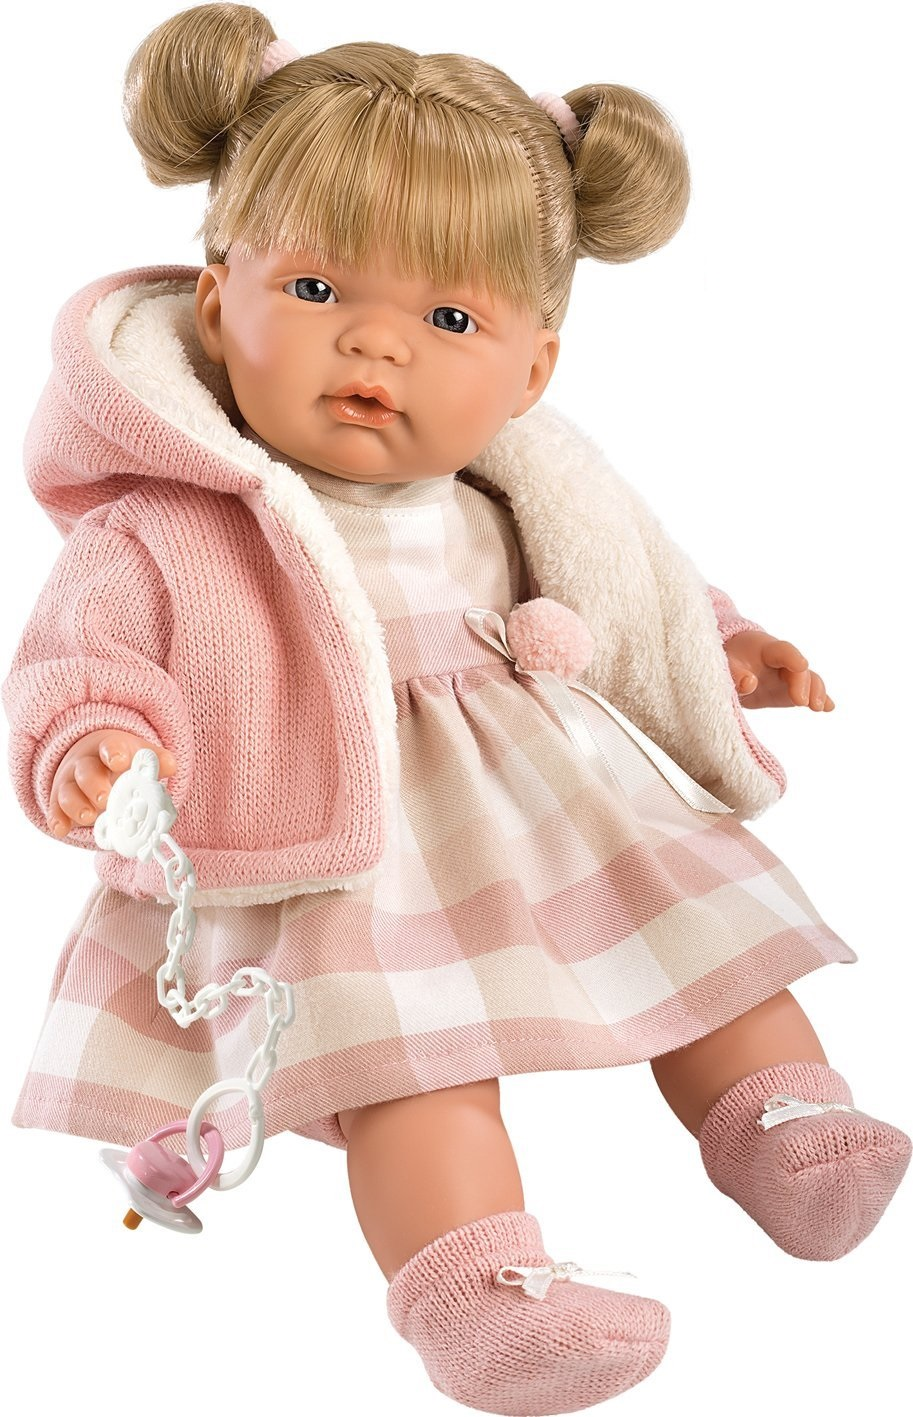 Купить Кукла Люсия, озвученная, 38 см., Llorens Juan